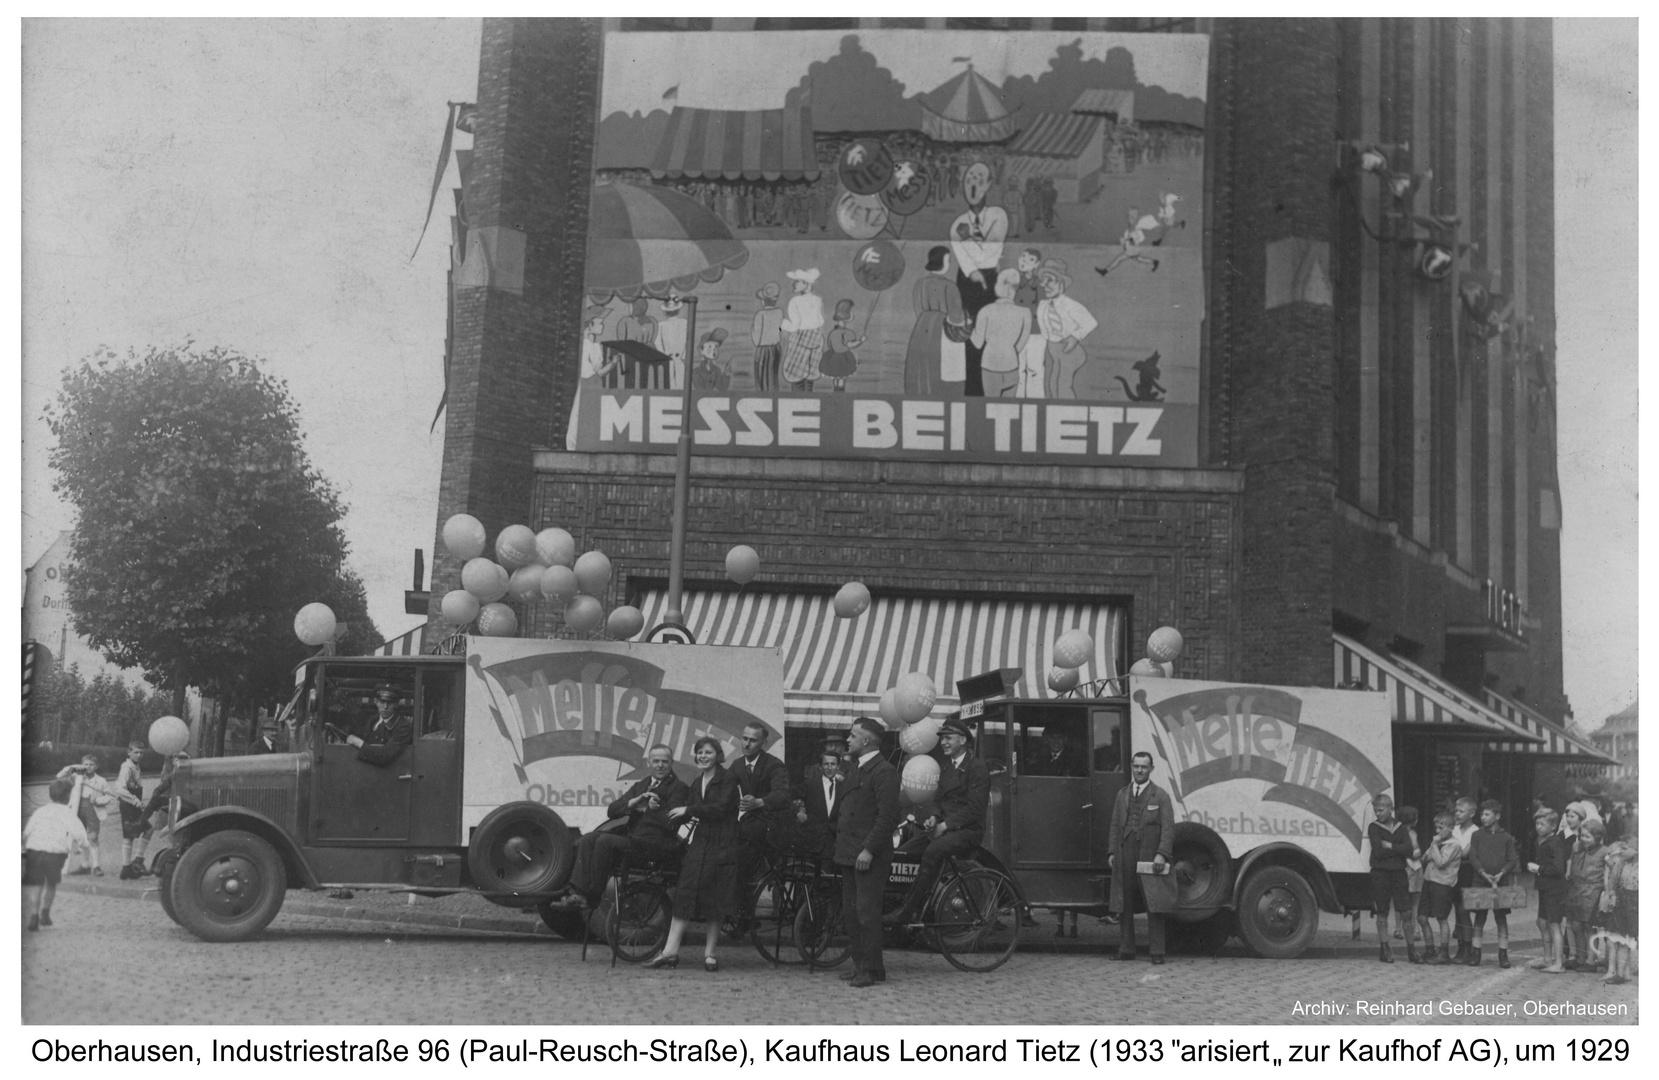 Oberhausen, Kaufhaus Leonard Tietz, um 1929